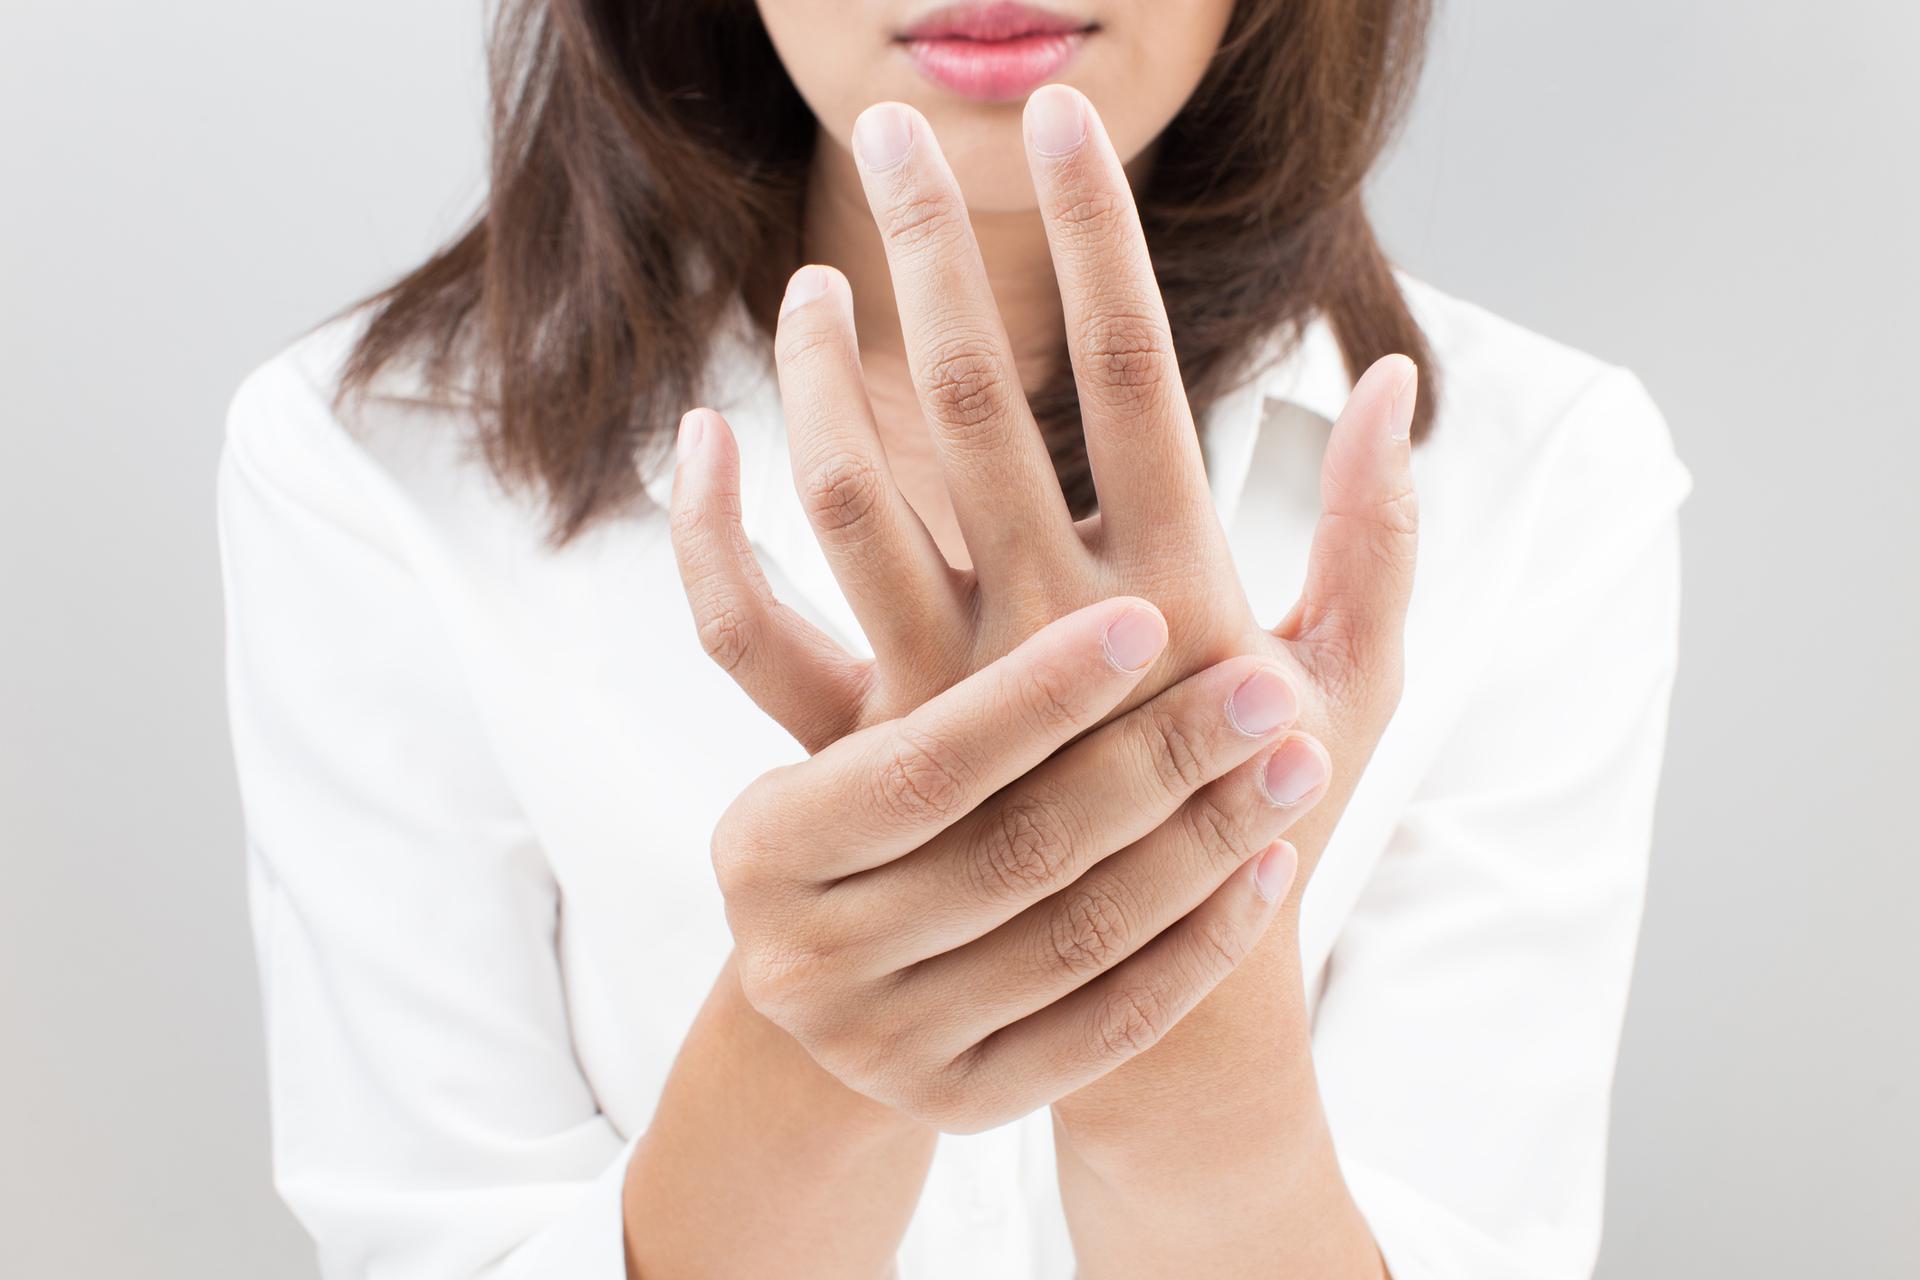 Ból Palców Rąk Przyczyny I Leczenie Poradnikzdrowiepl